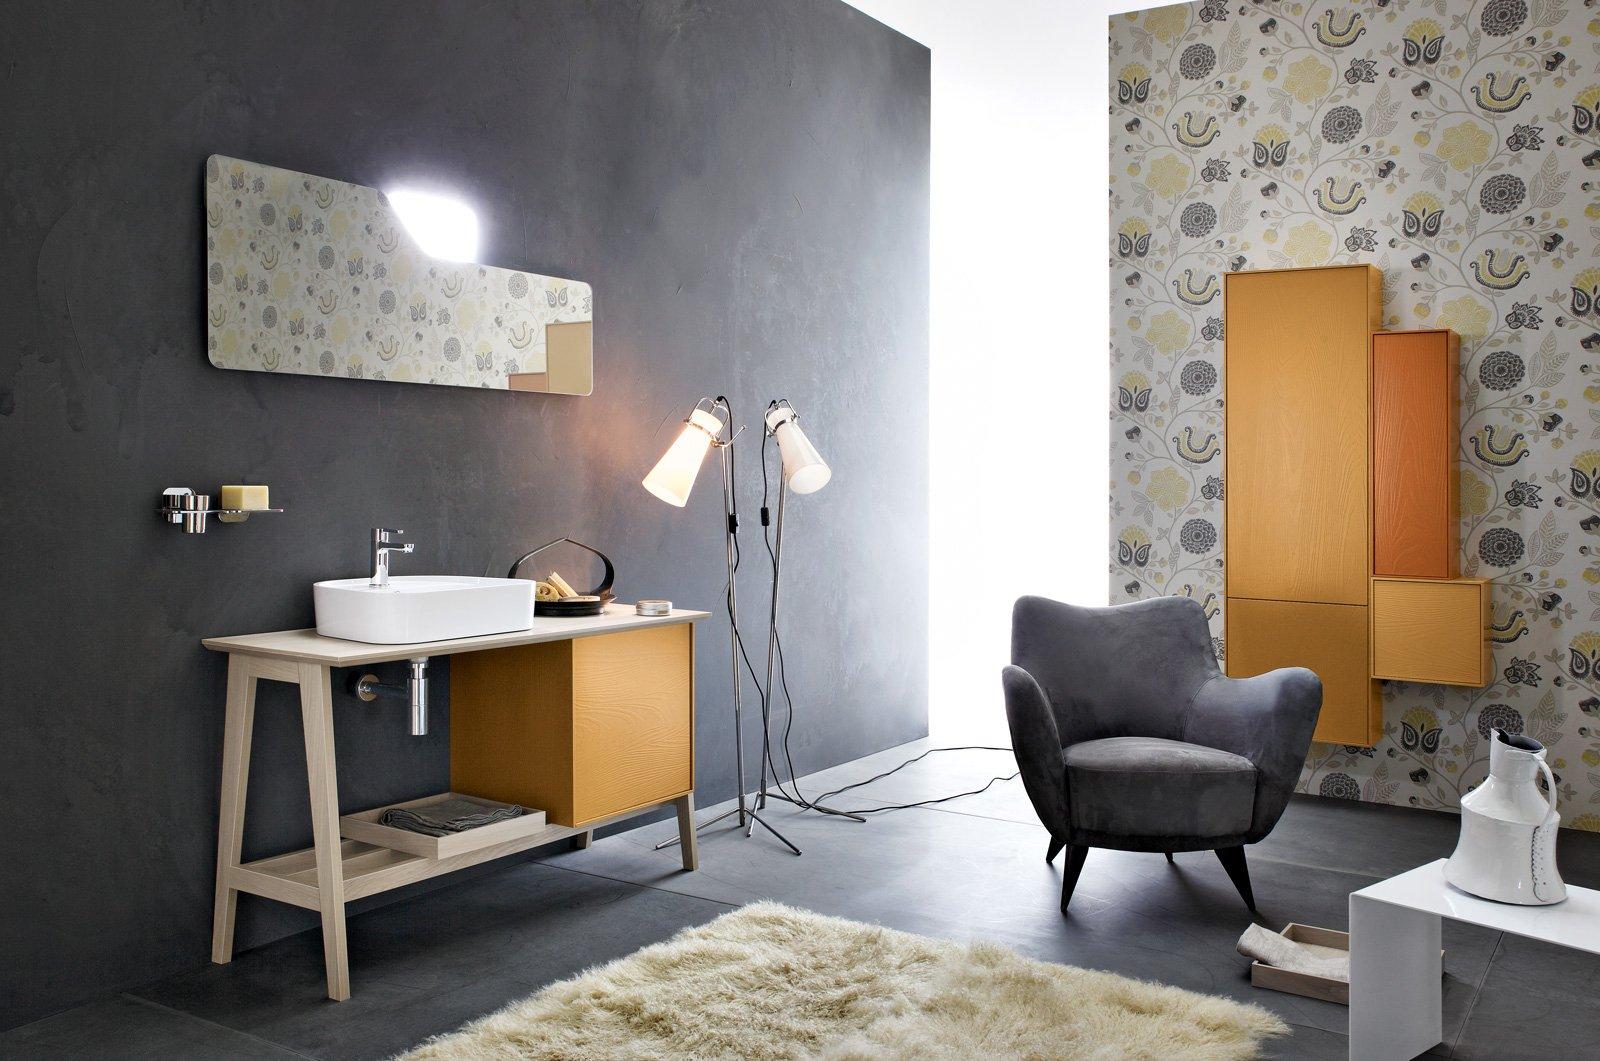 Cersaie 2015 i nuovi mobili per l 39 arredobagno cose di casa for Mobili da arredamento